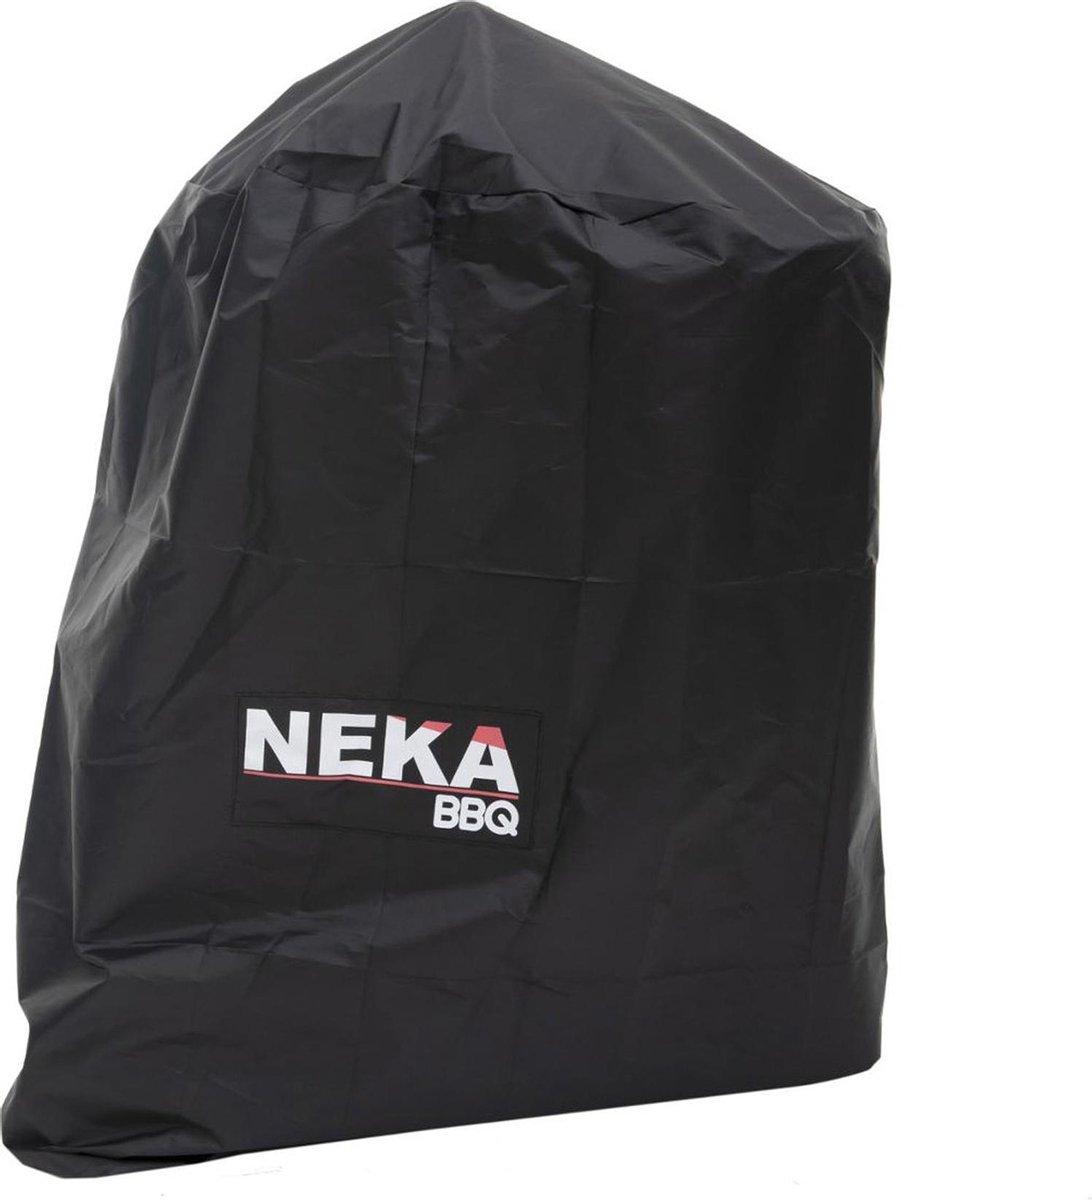 NEKA - Barbecuehoes - Beschermhoes voor barbecue - Waterdicht - Zwart - 95 x 62 x 95